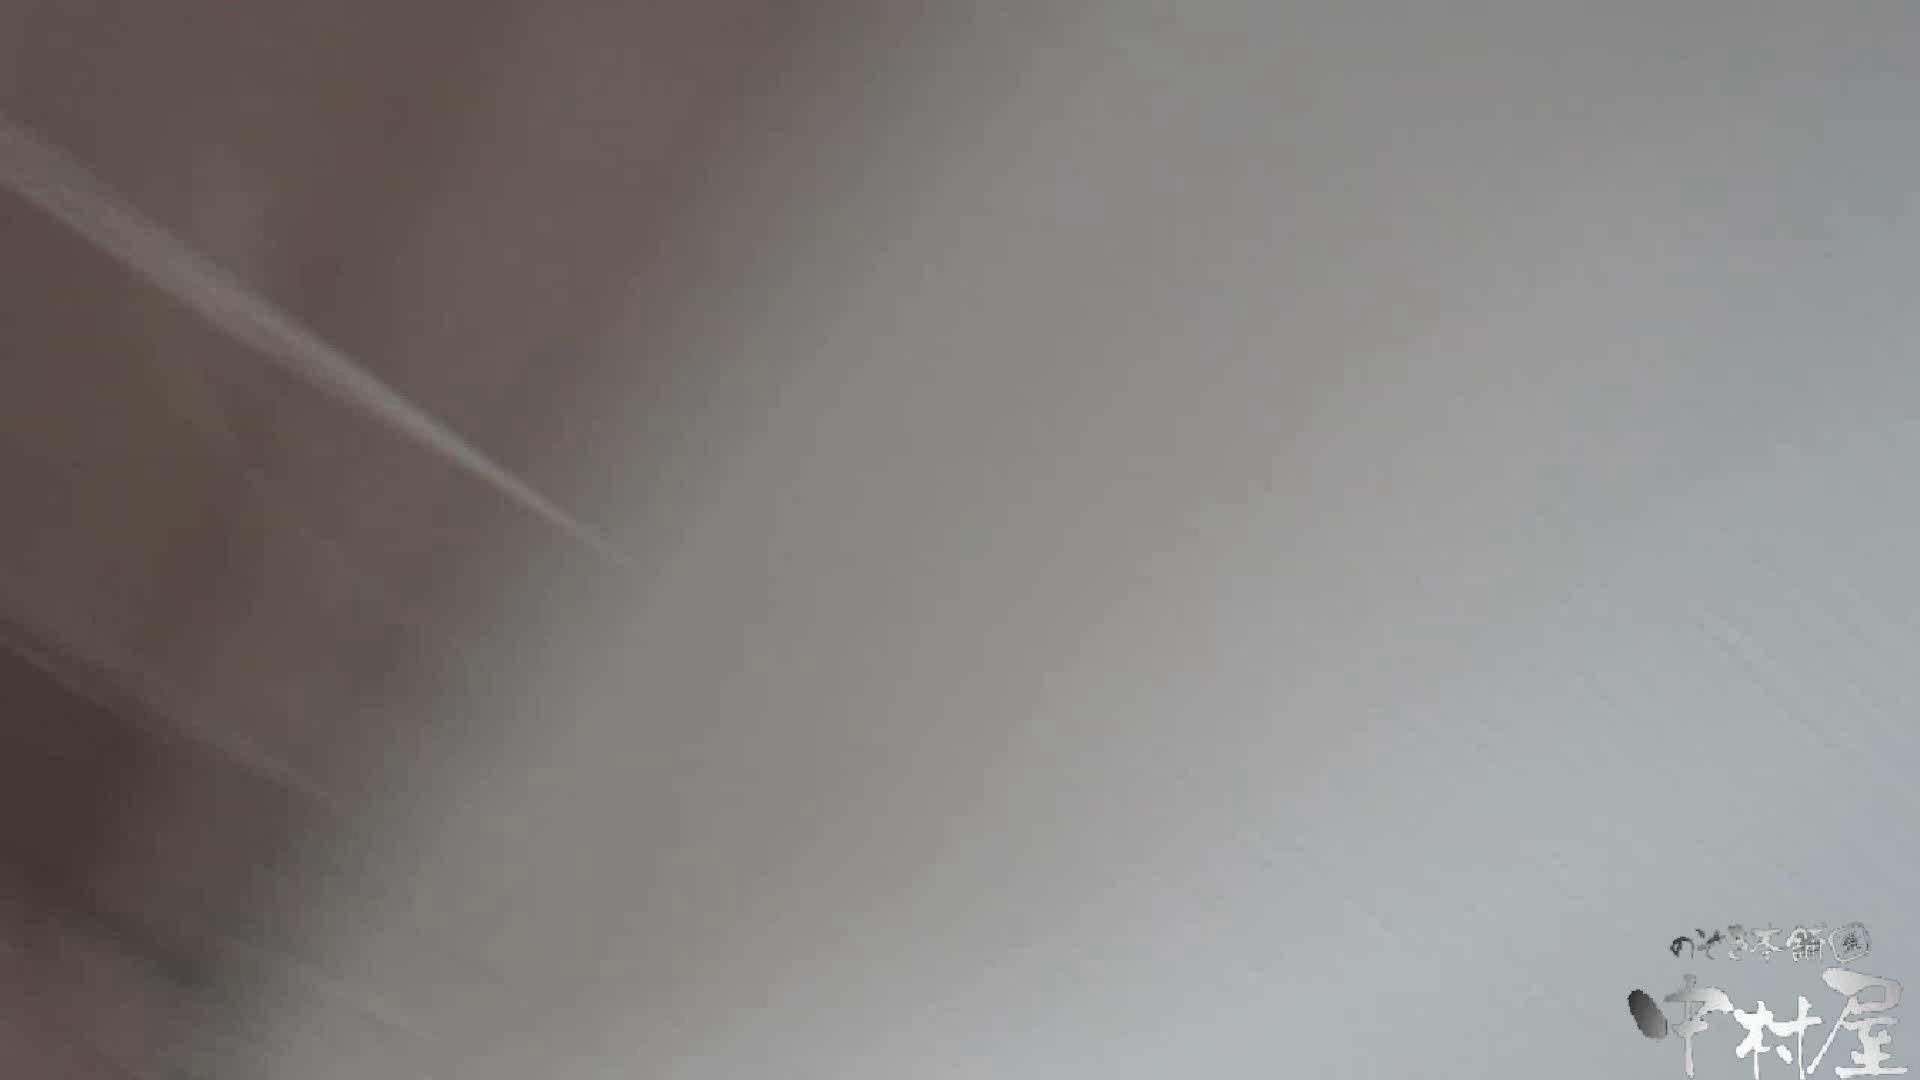 魂のかわや盗撮62連発! 丁寧にオシリをフキフキ! 38発目! 黄金水 | 盗撮特集  95画像 75